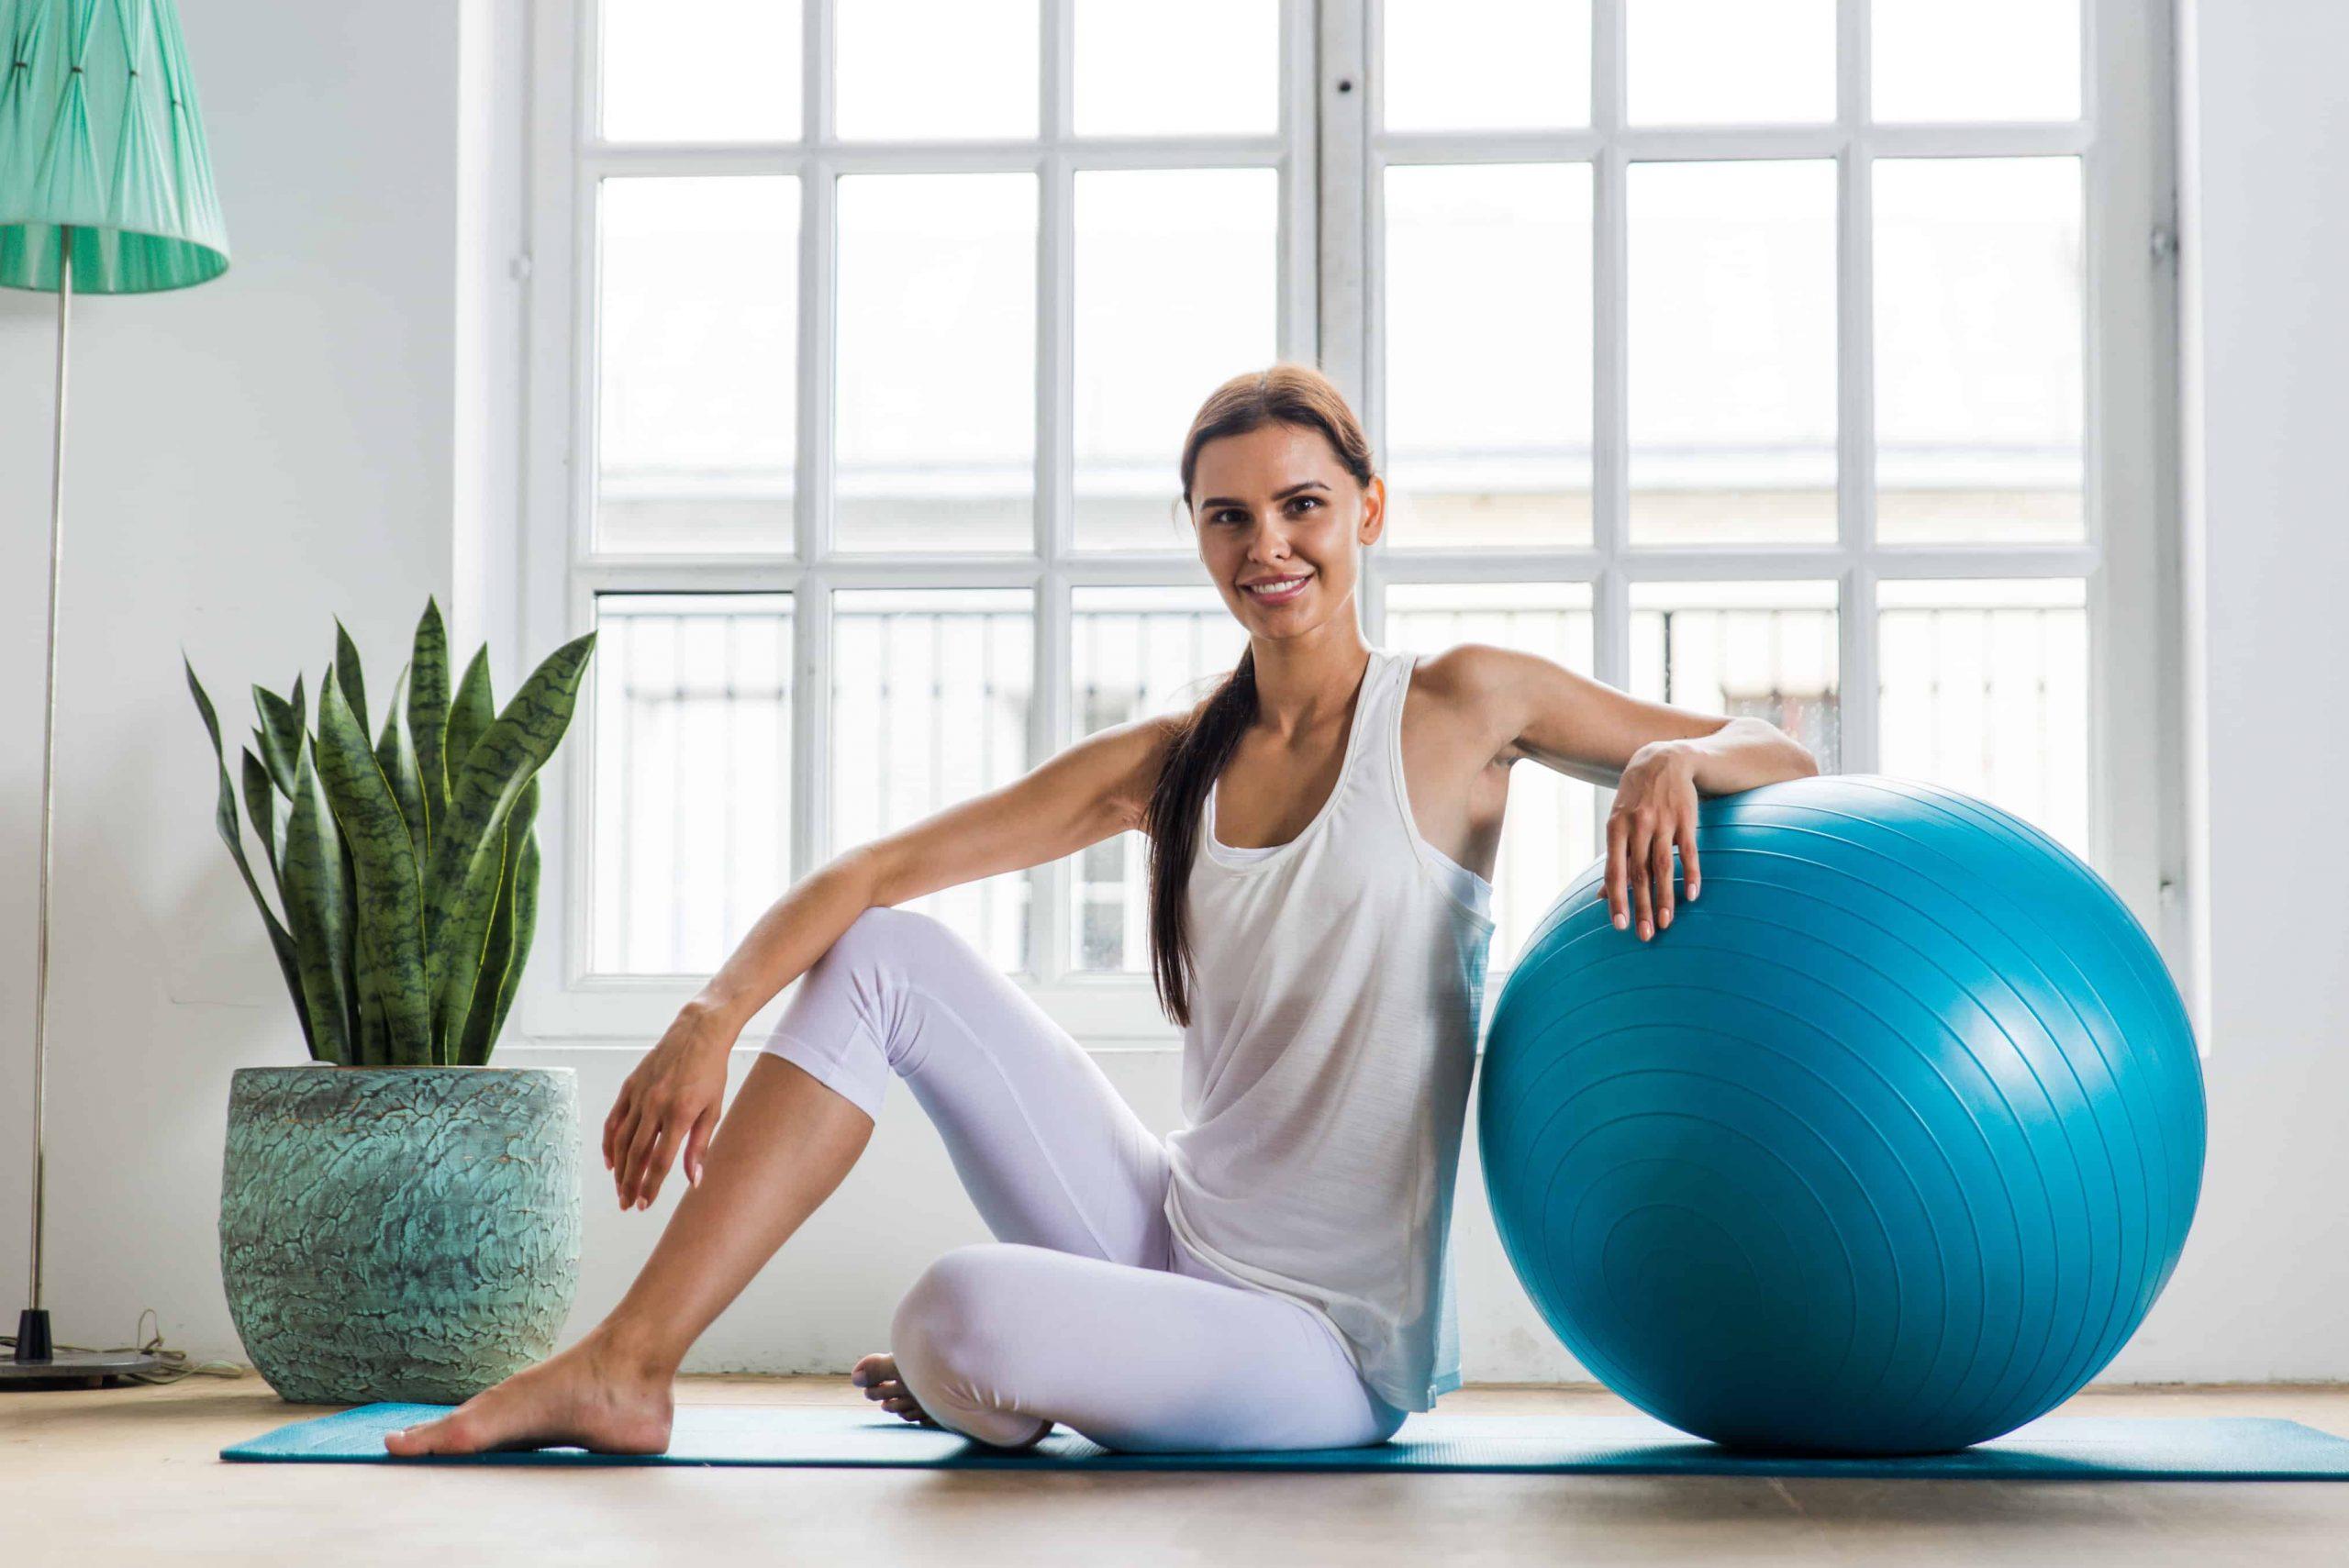 Miglior palla per pilates 2020: Guida all'acquisto